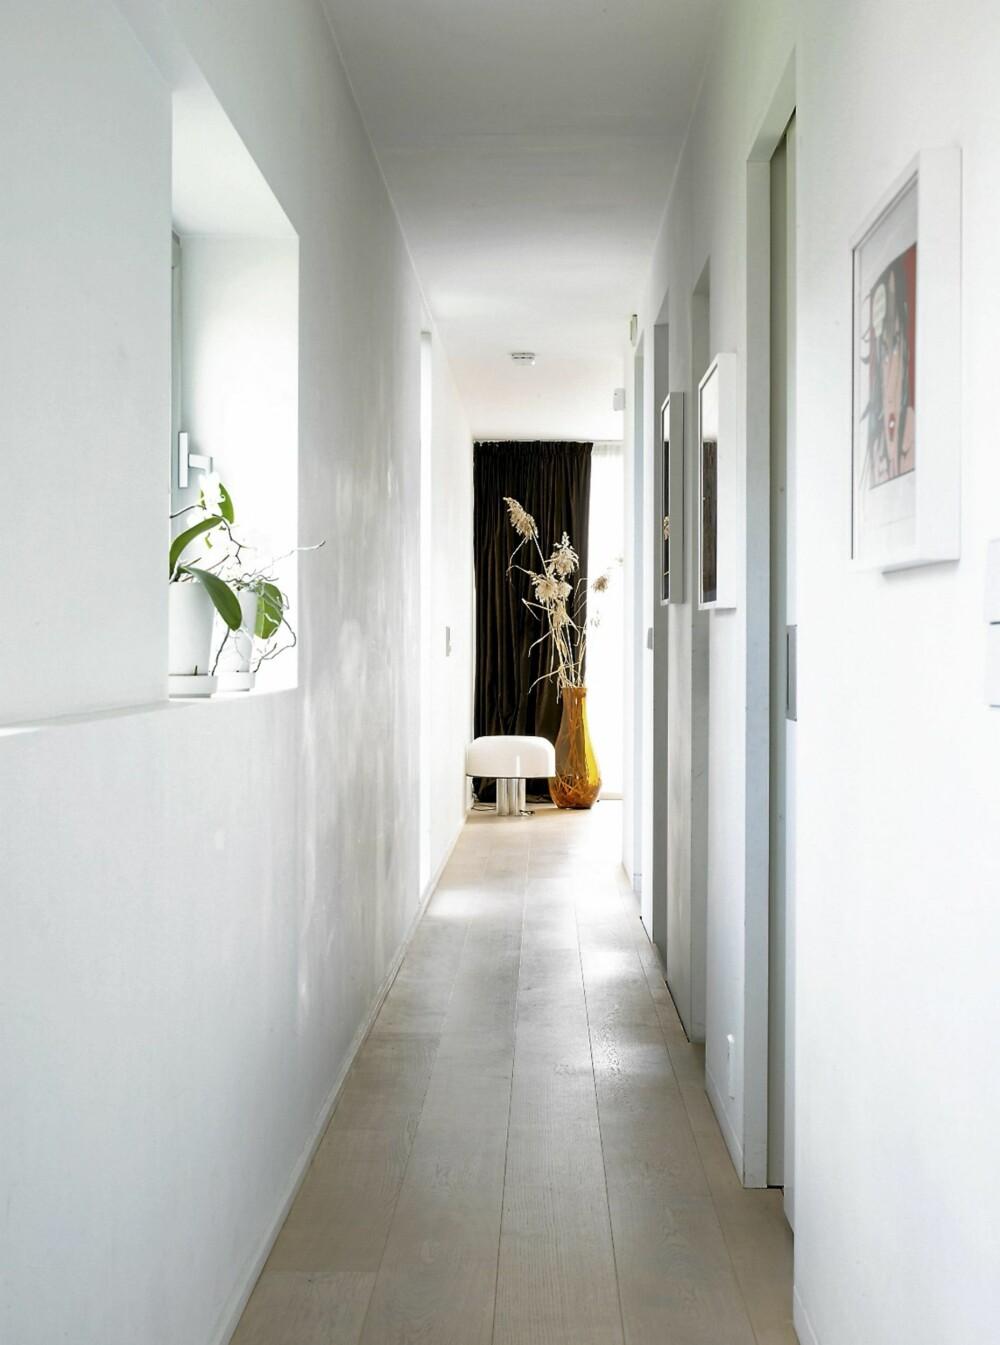 SMALT. Lange korridorer på hver siden i annen etasje binder sammen kuben.